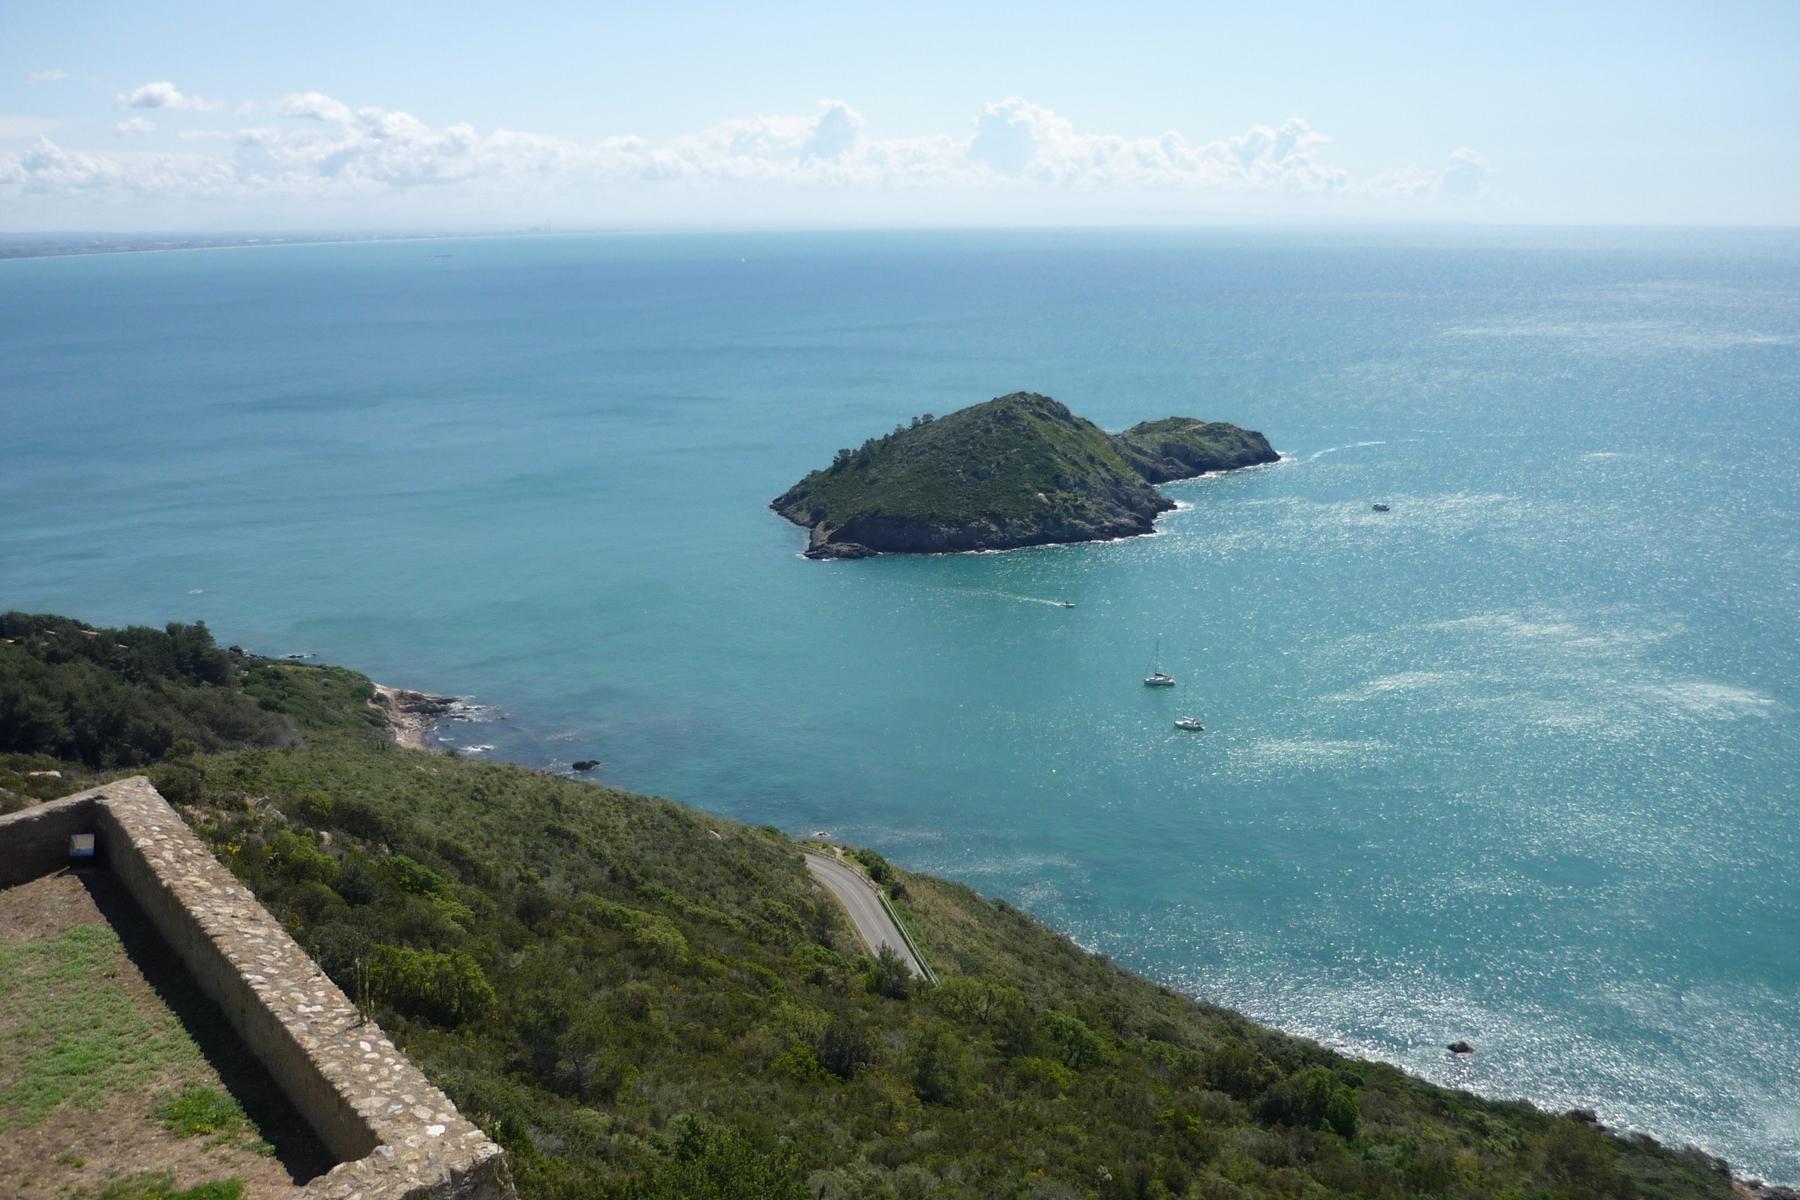 Magnifique villa avec vue imprenable sur le lagon d'Orbetello - 18